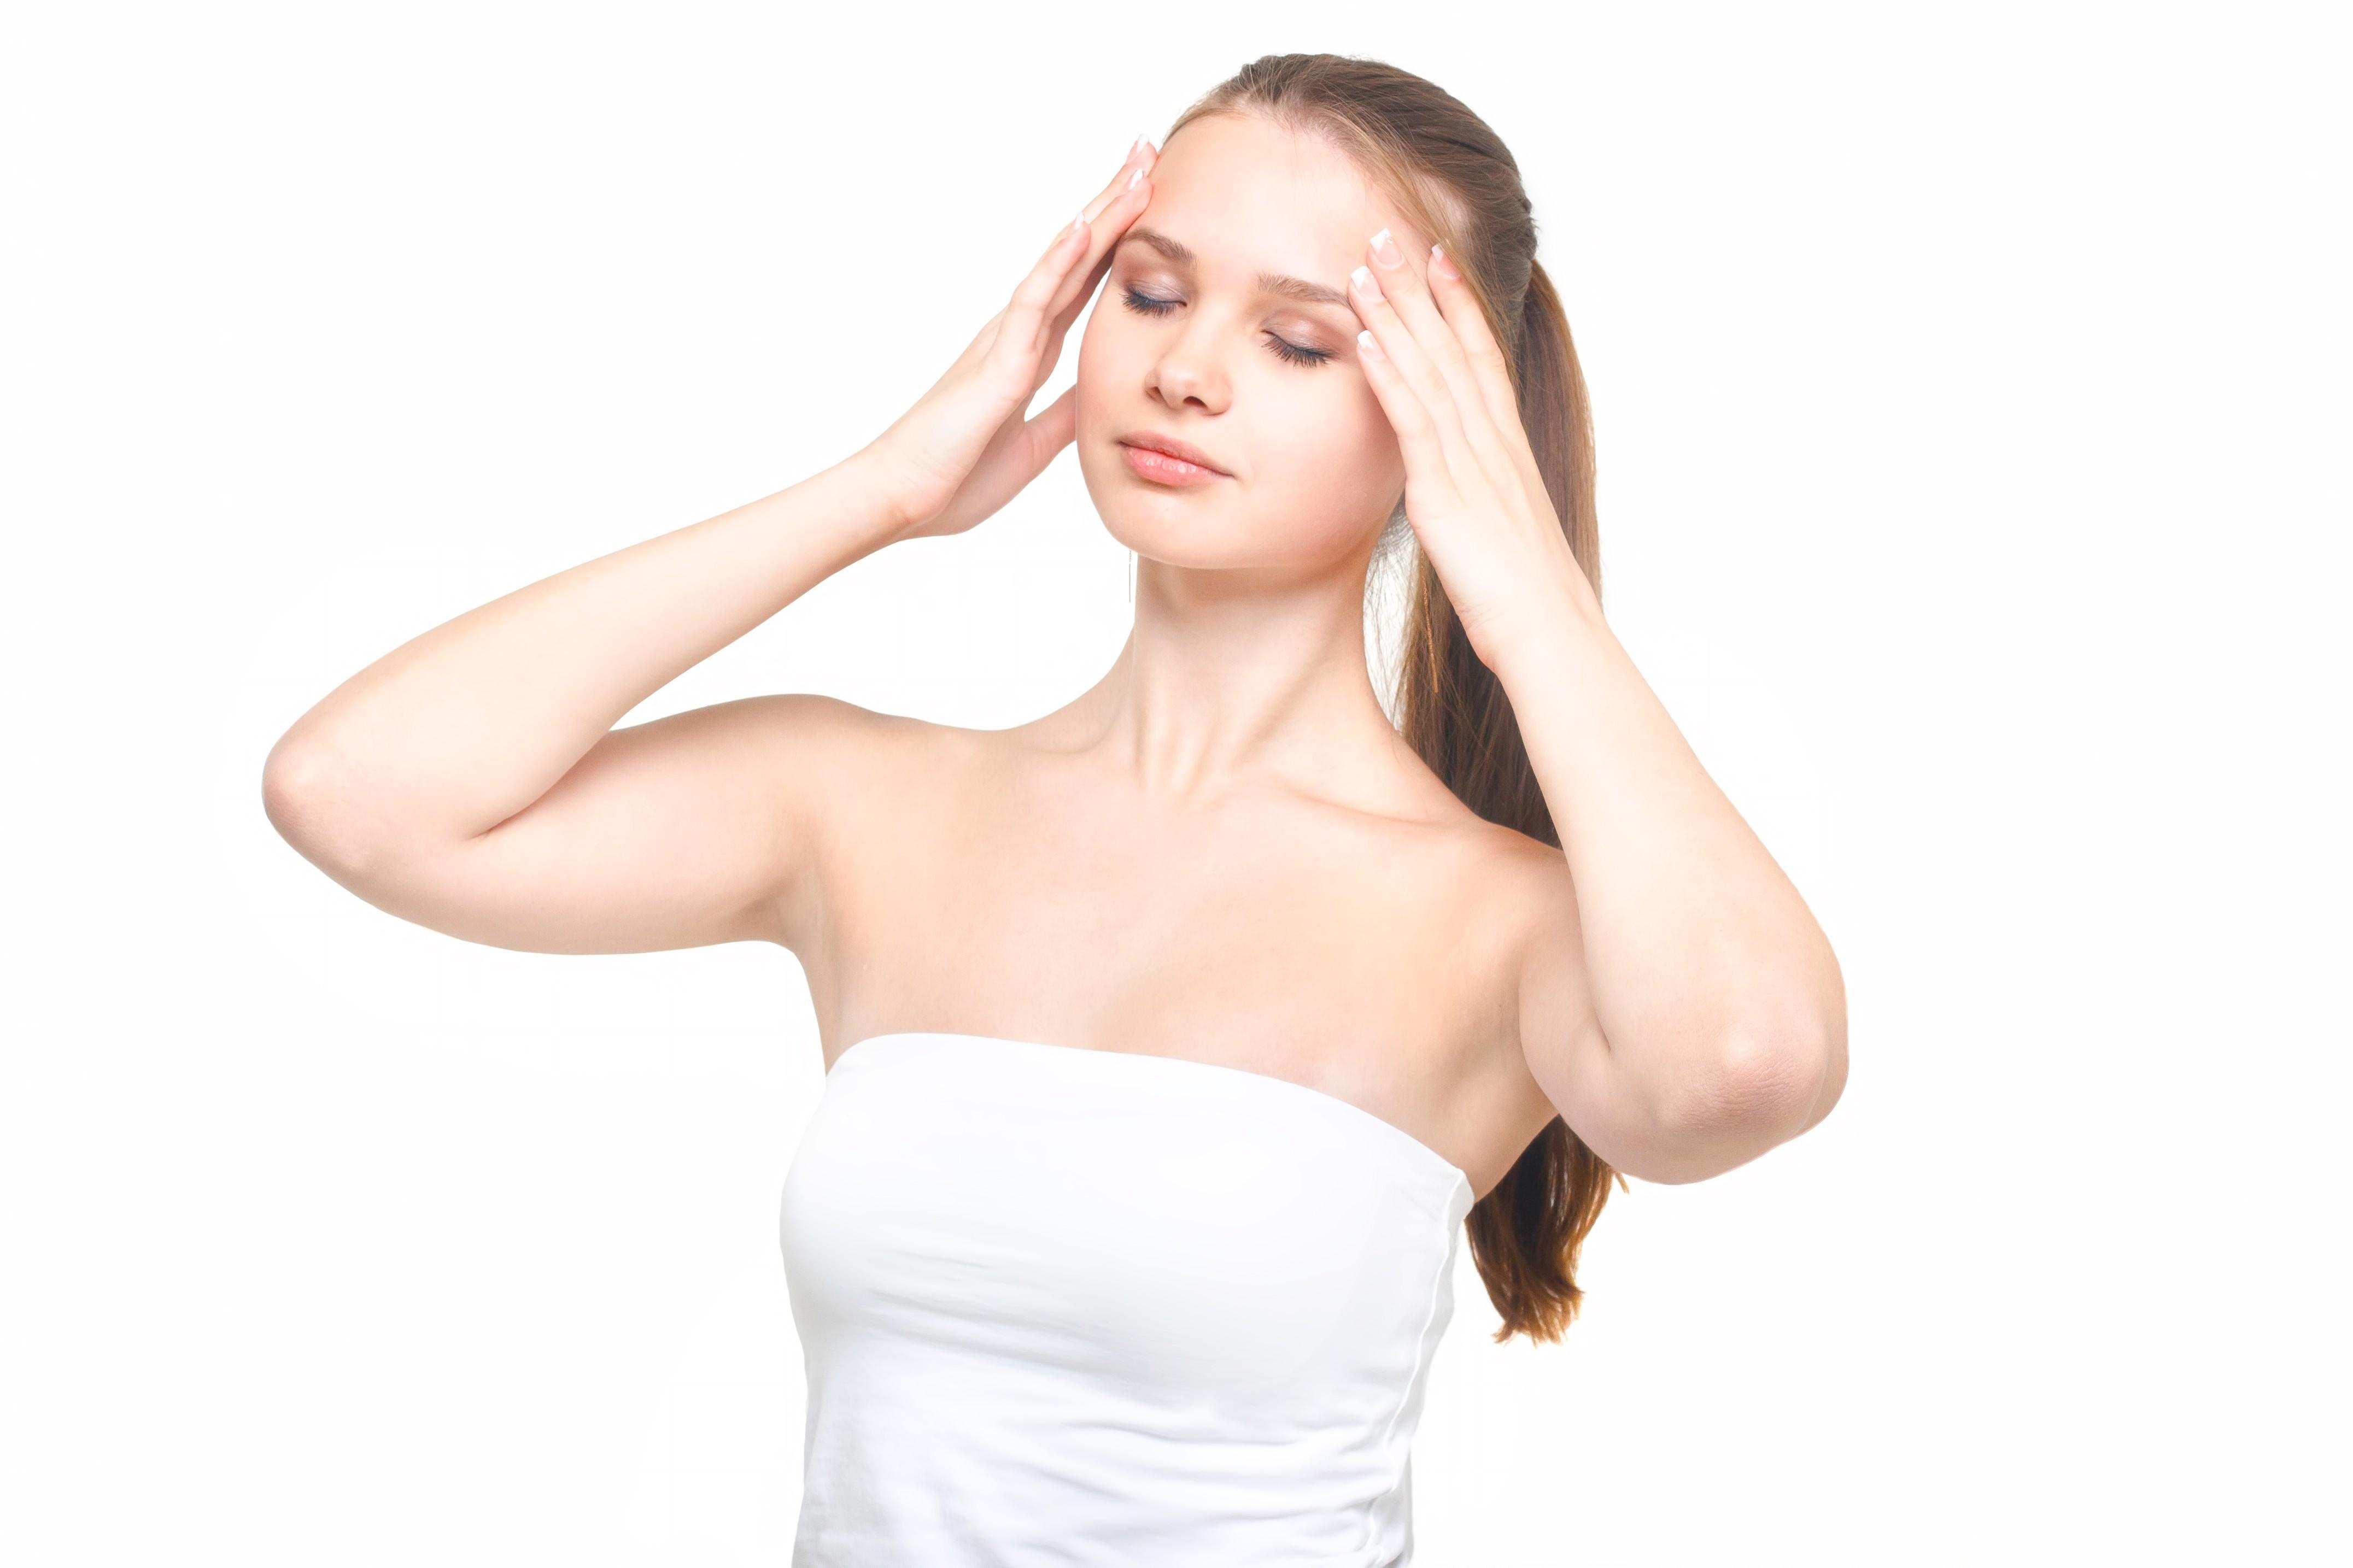 小顔注射の種類とその効果、メリットやデメリットについて